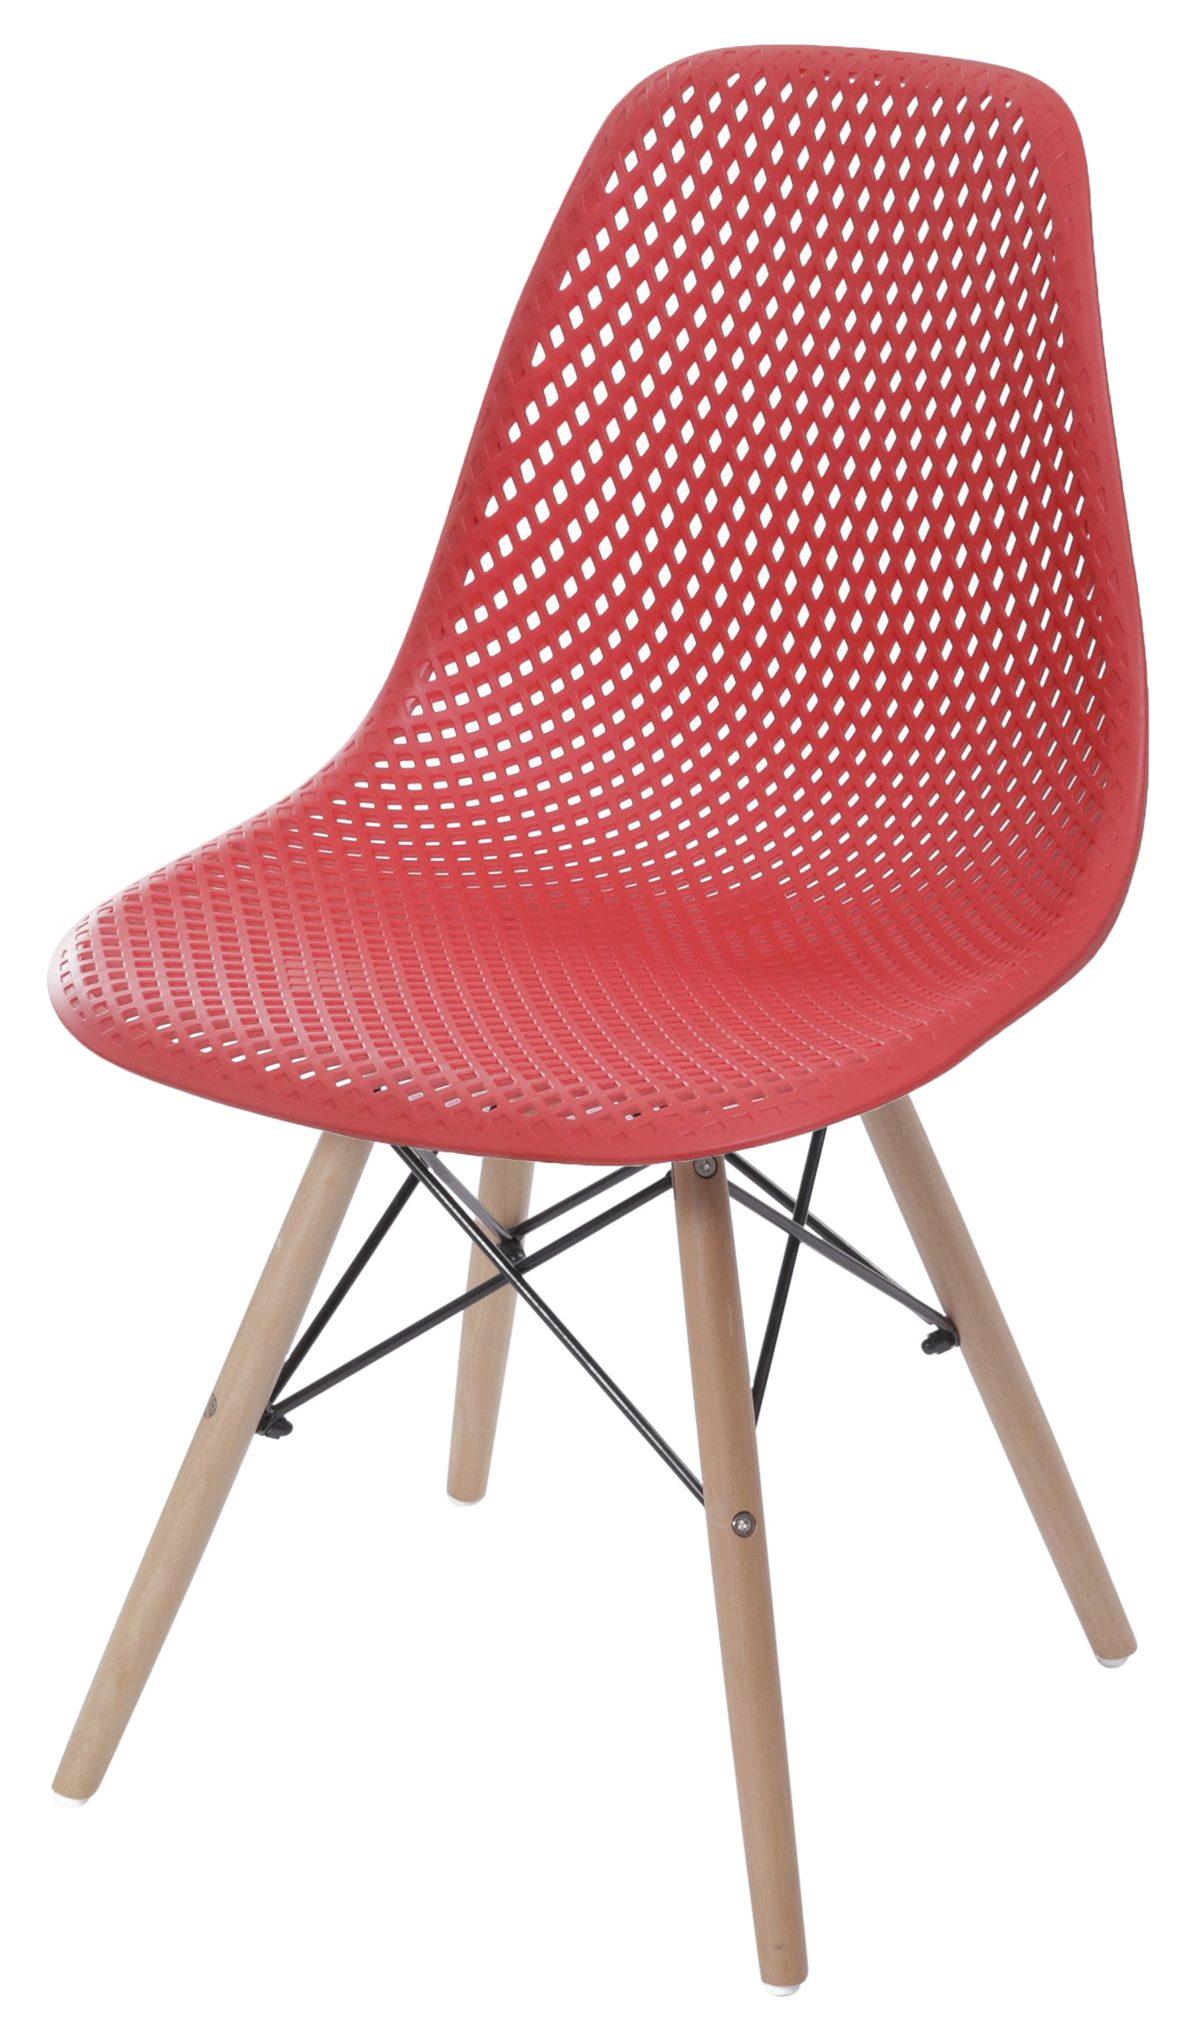 Cadeira Eames Furadinha cor Vermelho com Base Madeira - 55983